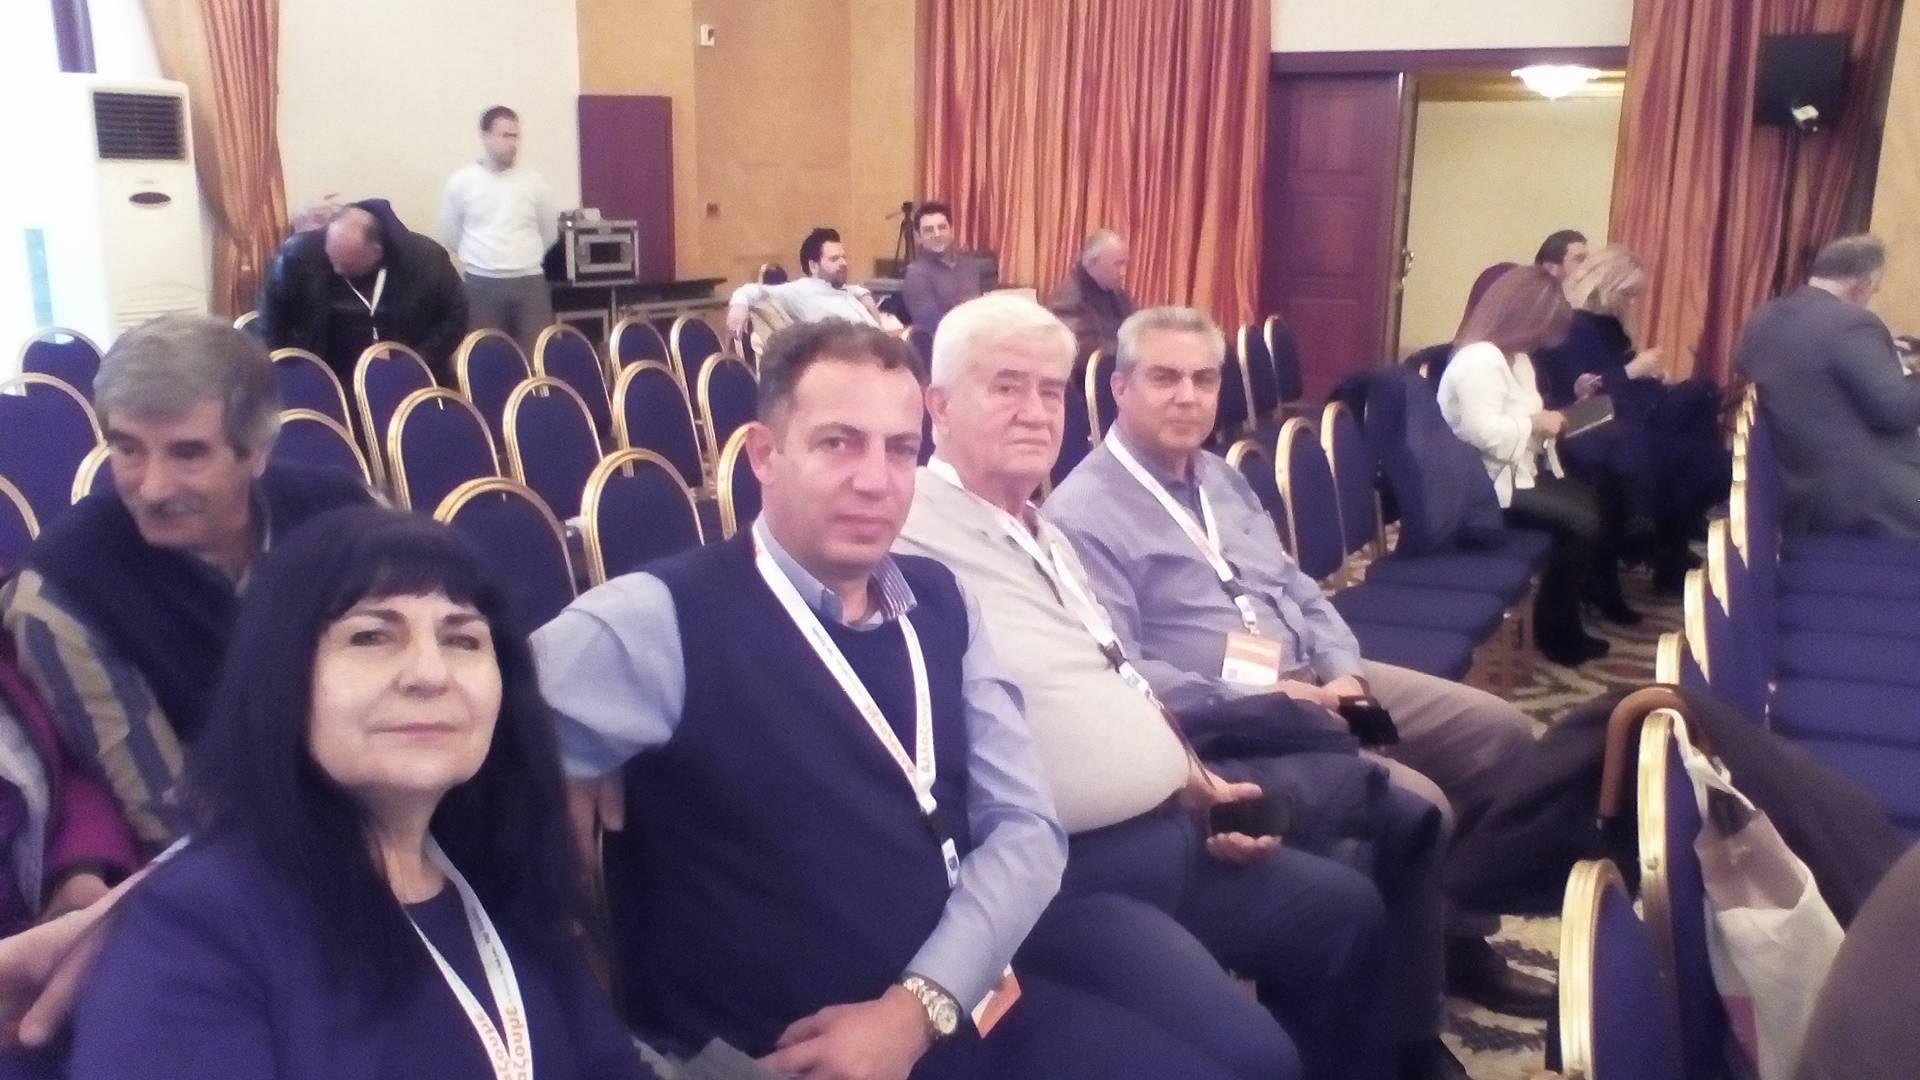 Ψαθάς-Ματράκας-Σπαθής-Ράζος και Μύταλα  στο ετήσιο συνέδριο της ΚΕΔΕ στα Ιωάννινα 24251470 1465075066946247 1584266830 o